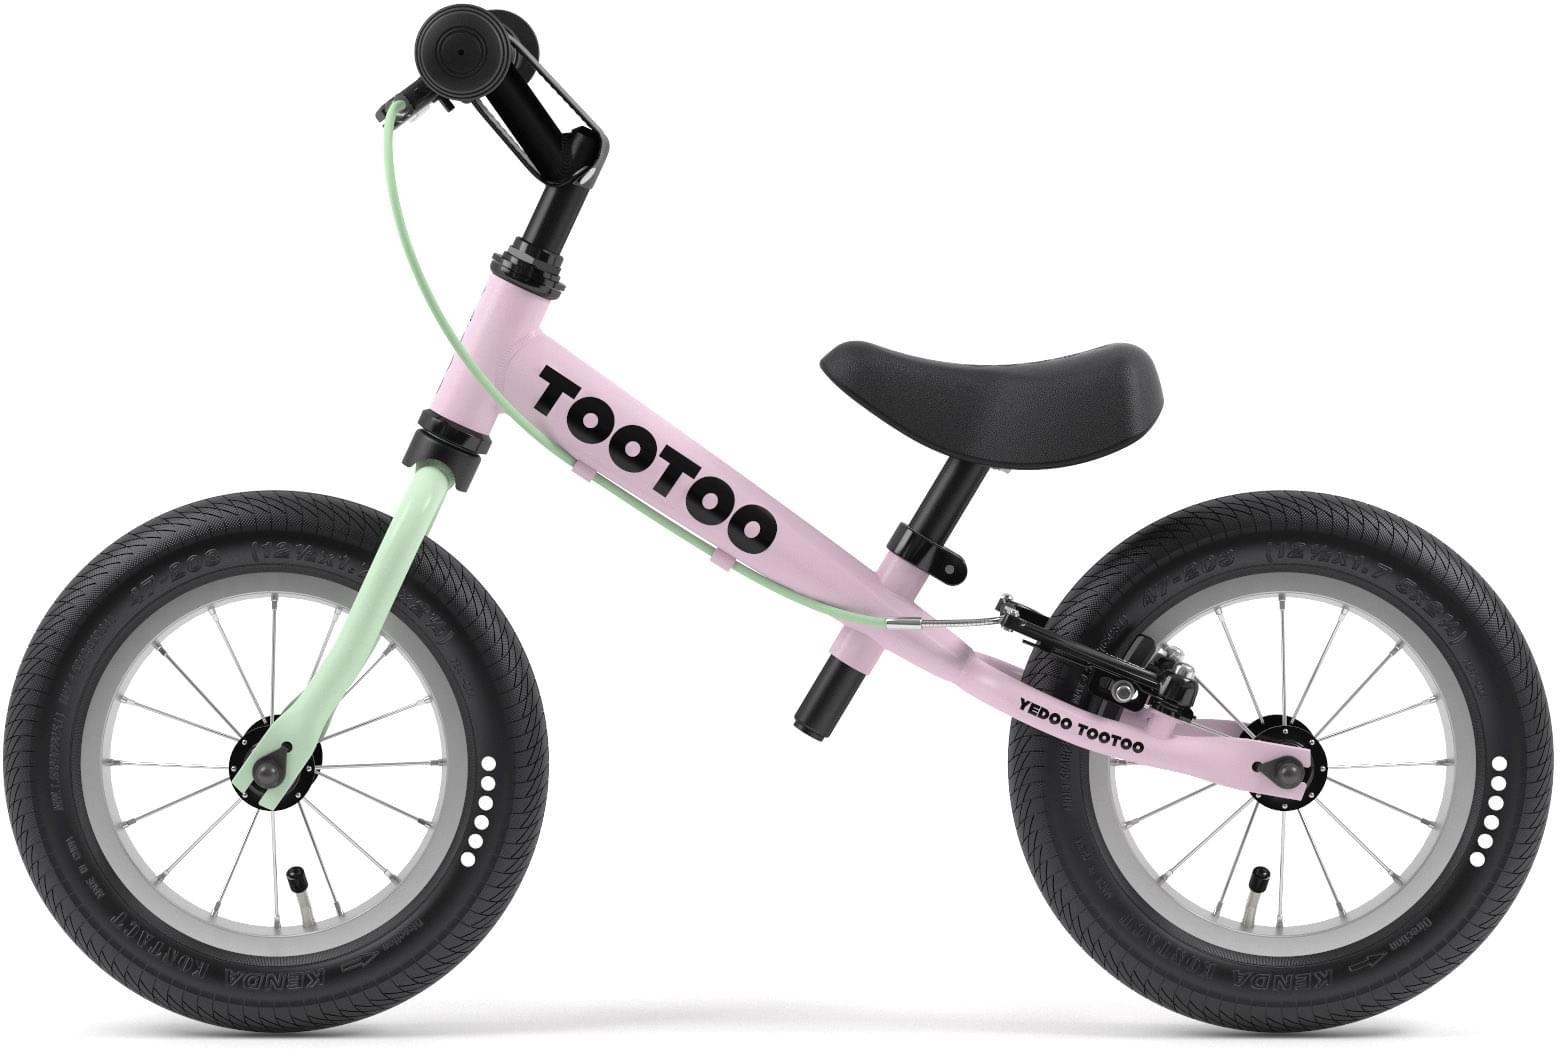 Yedoo TooToo - candy pink uni